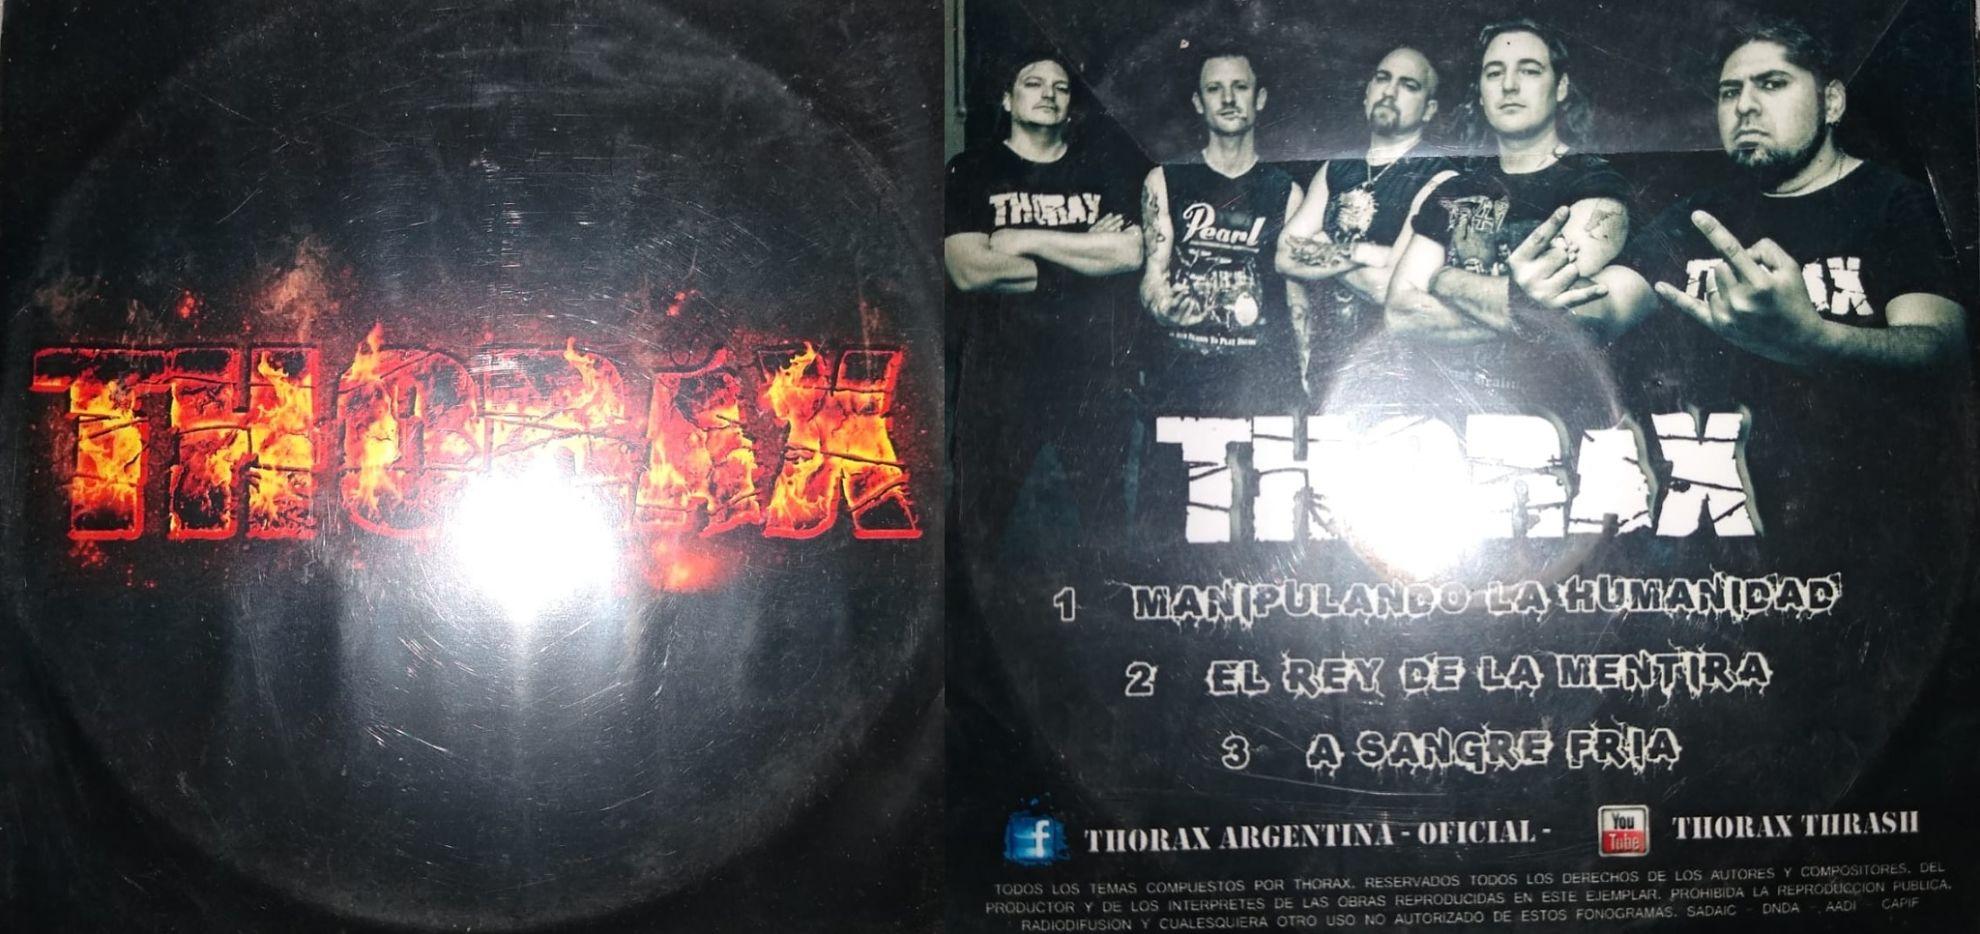 Thorax - A sangre fría